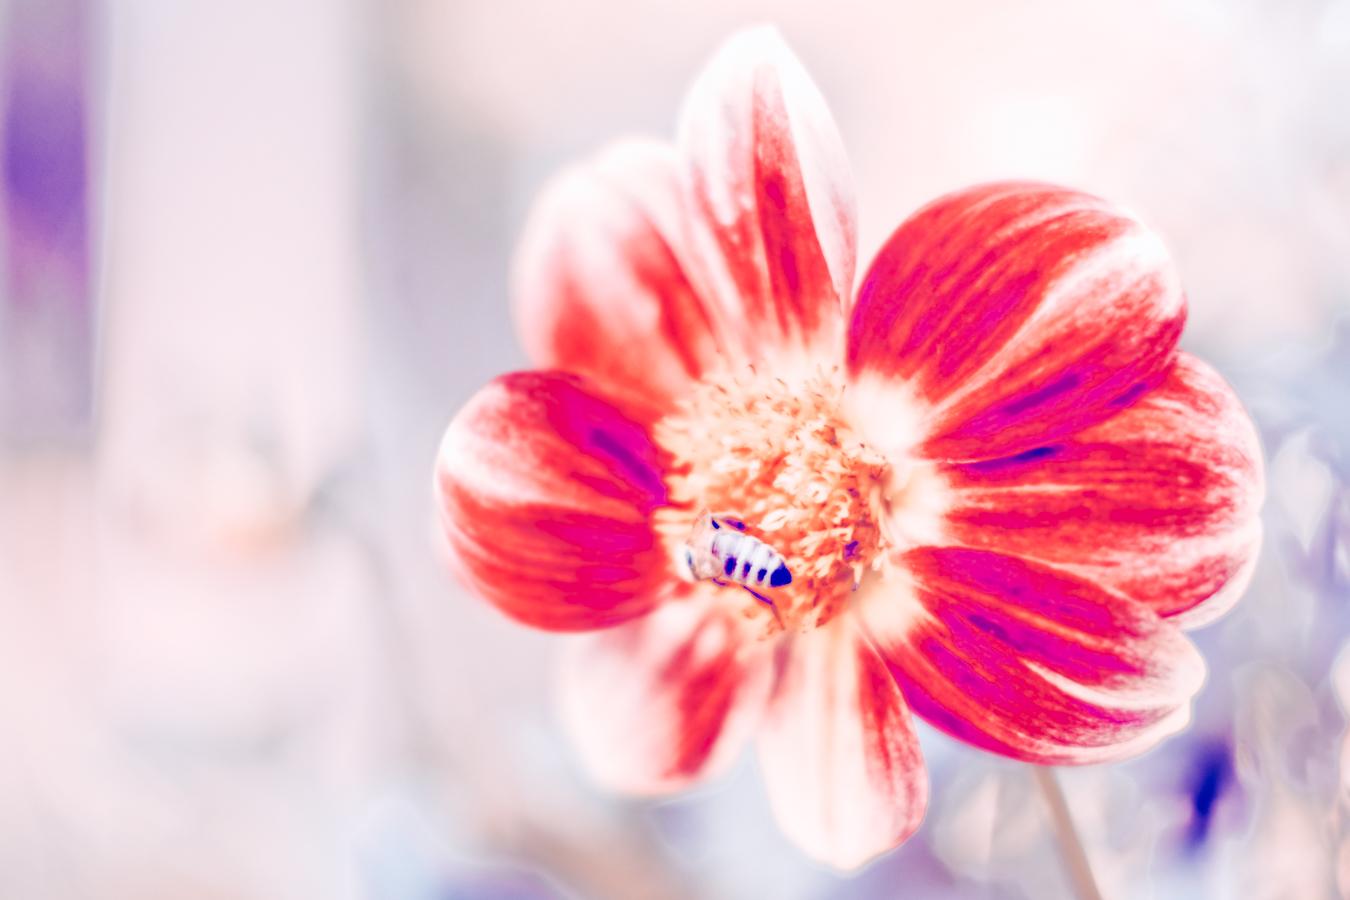 Flower at the Adelaide Botanic Garden